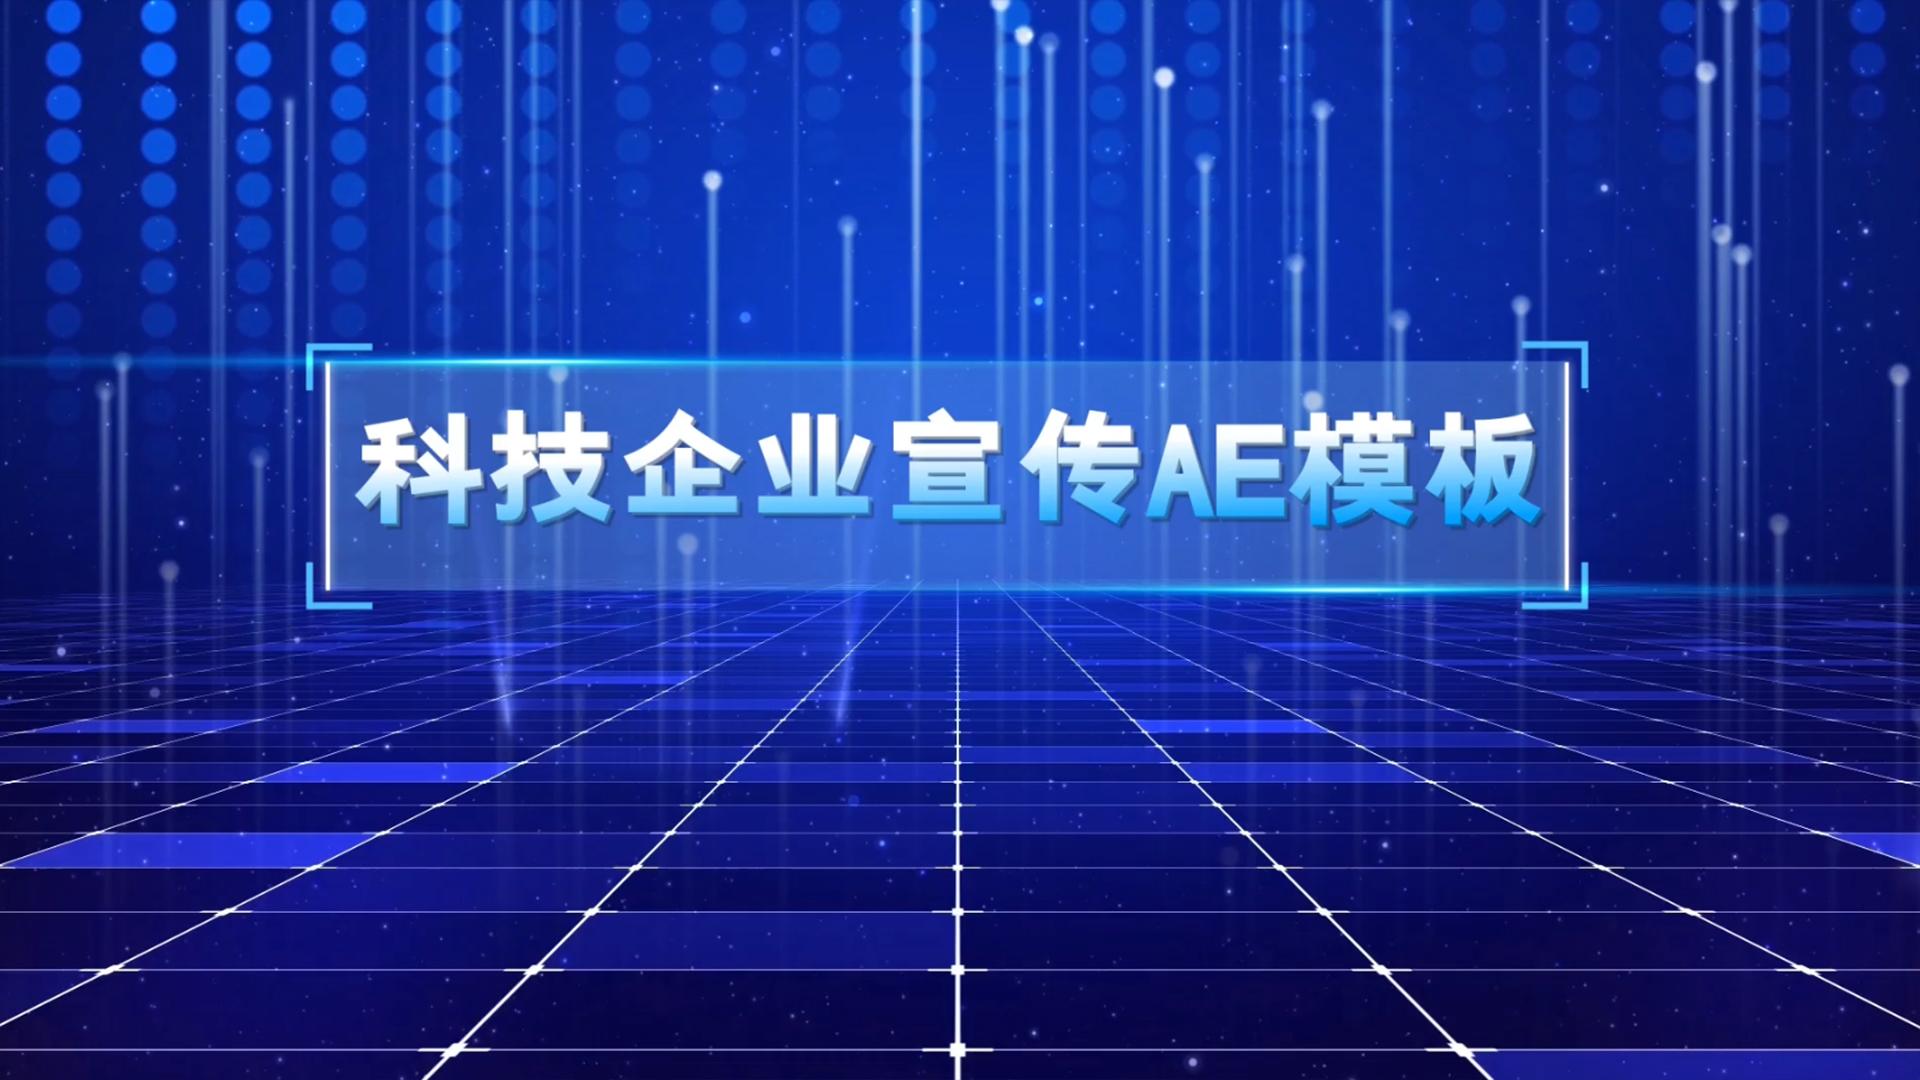 科技企业宣传片AE模板